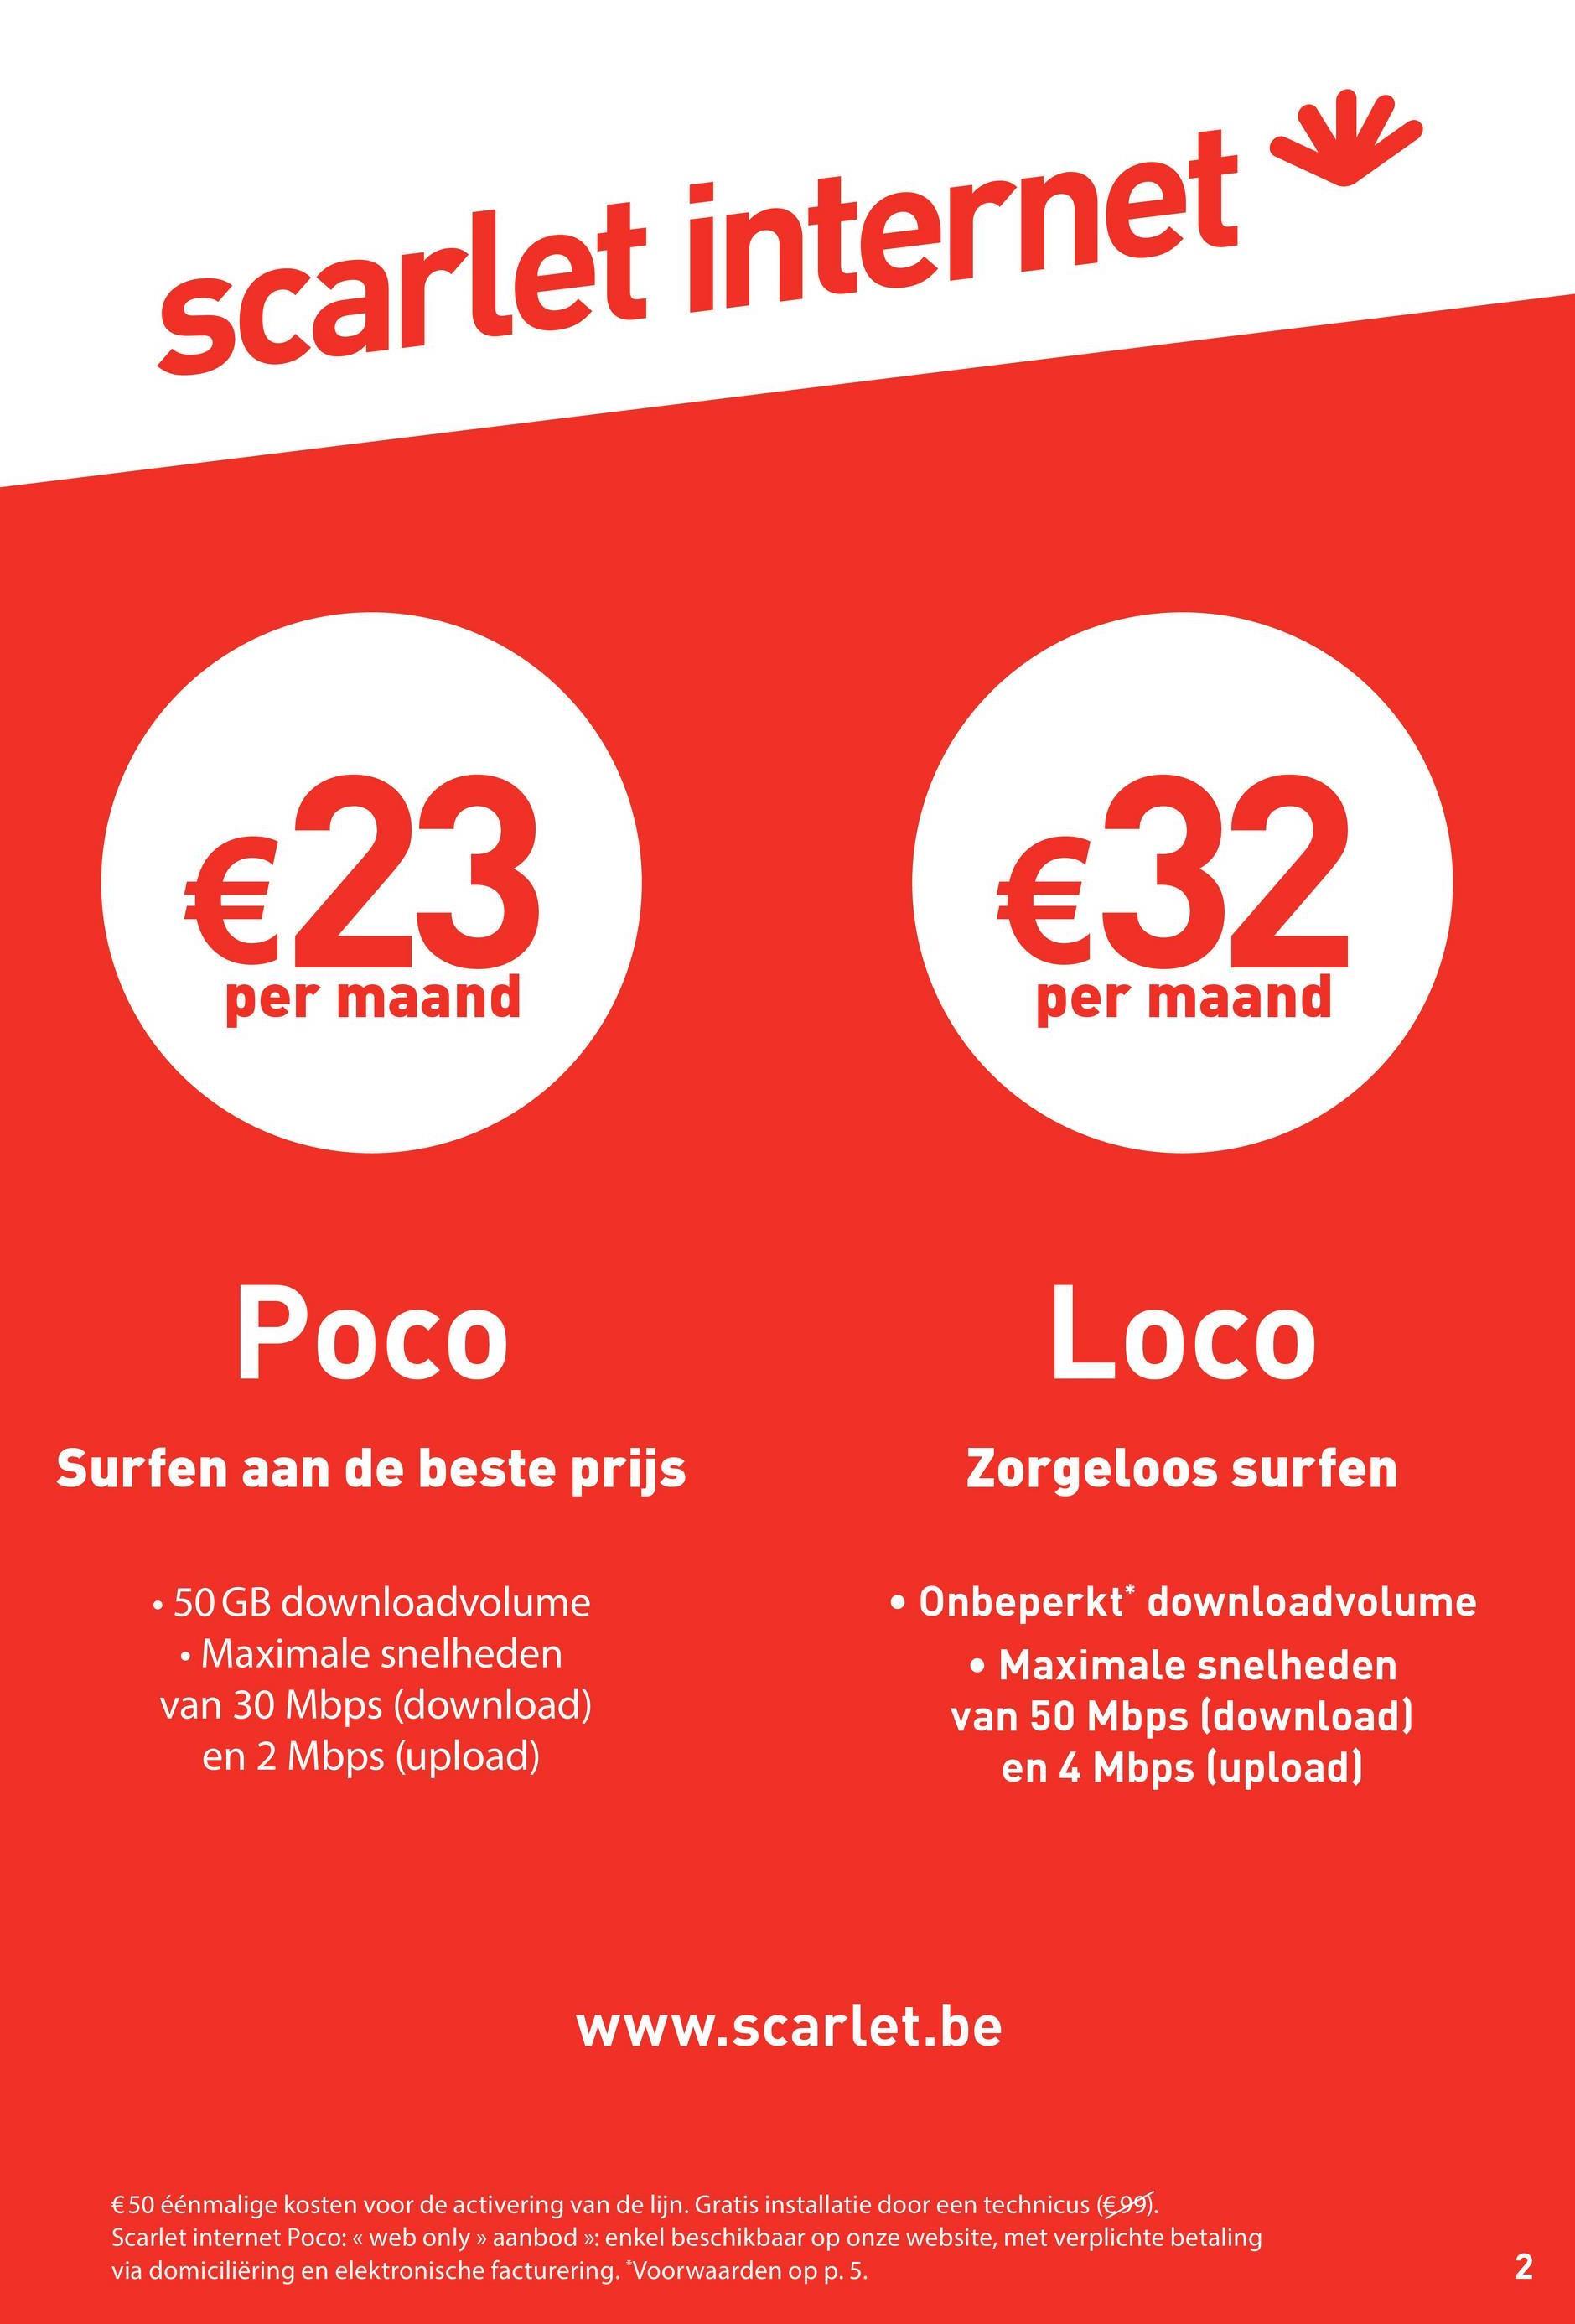 scarlet internet €23 €32 per maand per maand Poco Loco Surfen aan de beste prijs Zorgeloos surfen • 50 GB downloadvolume • Maximale snelheden van 30 Mbps (download) en 2 Mbps (upload) • Onbeperkt downloadvolume • Maximale snelheden van 50 Mbps (download) en 4 Mbps (upload) www.scarlet.be €50 éénmalige kosten voor de activering van de lijn. Gratis installatie door een technicus (€99). Scarlet internet Poco: « web only » aanbod »: enkel beschikbaar op onze website, met verplichte betaling via domiciliëring en elektronische facturering. Voorwaarden op p. 5. 2